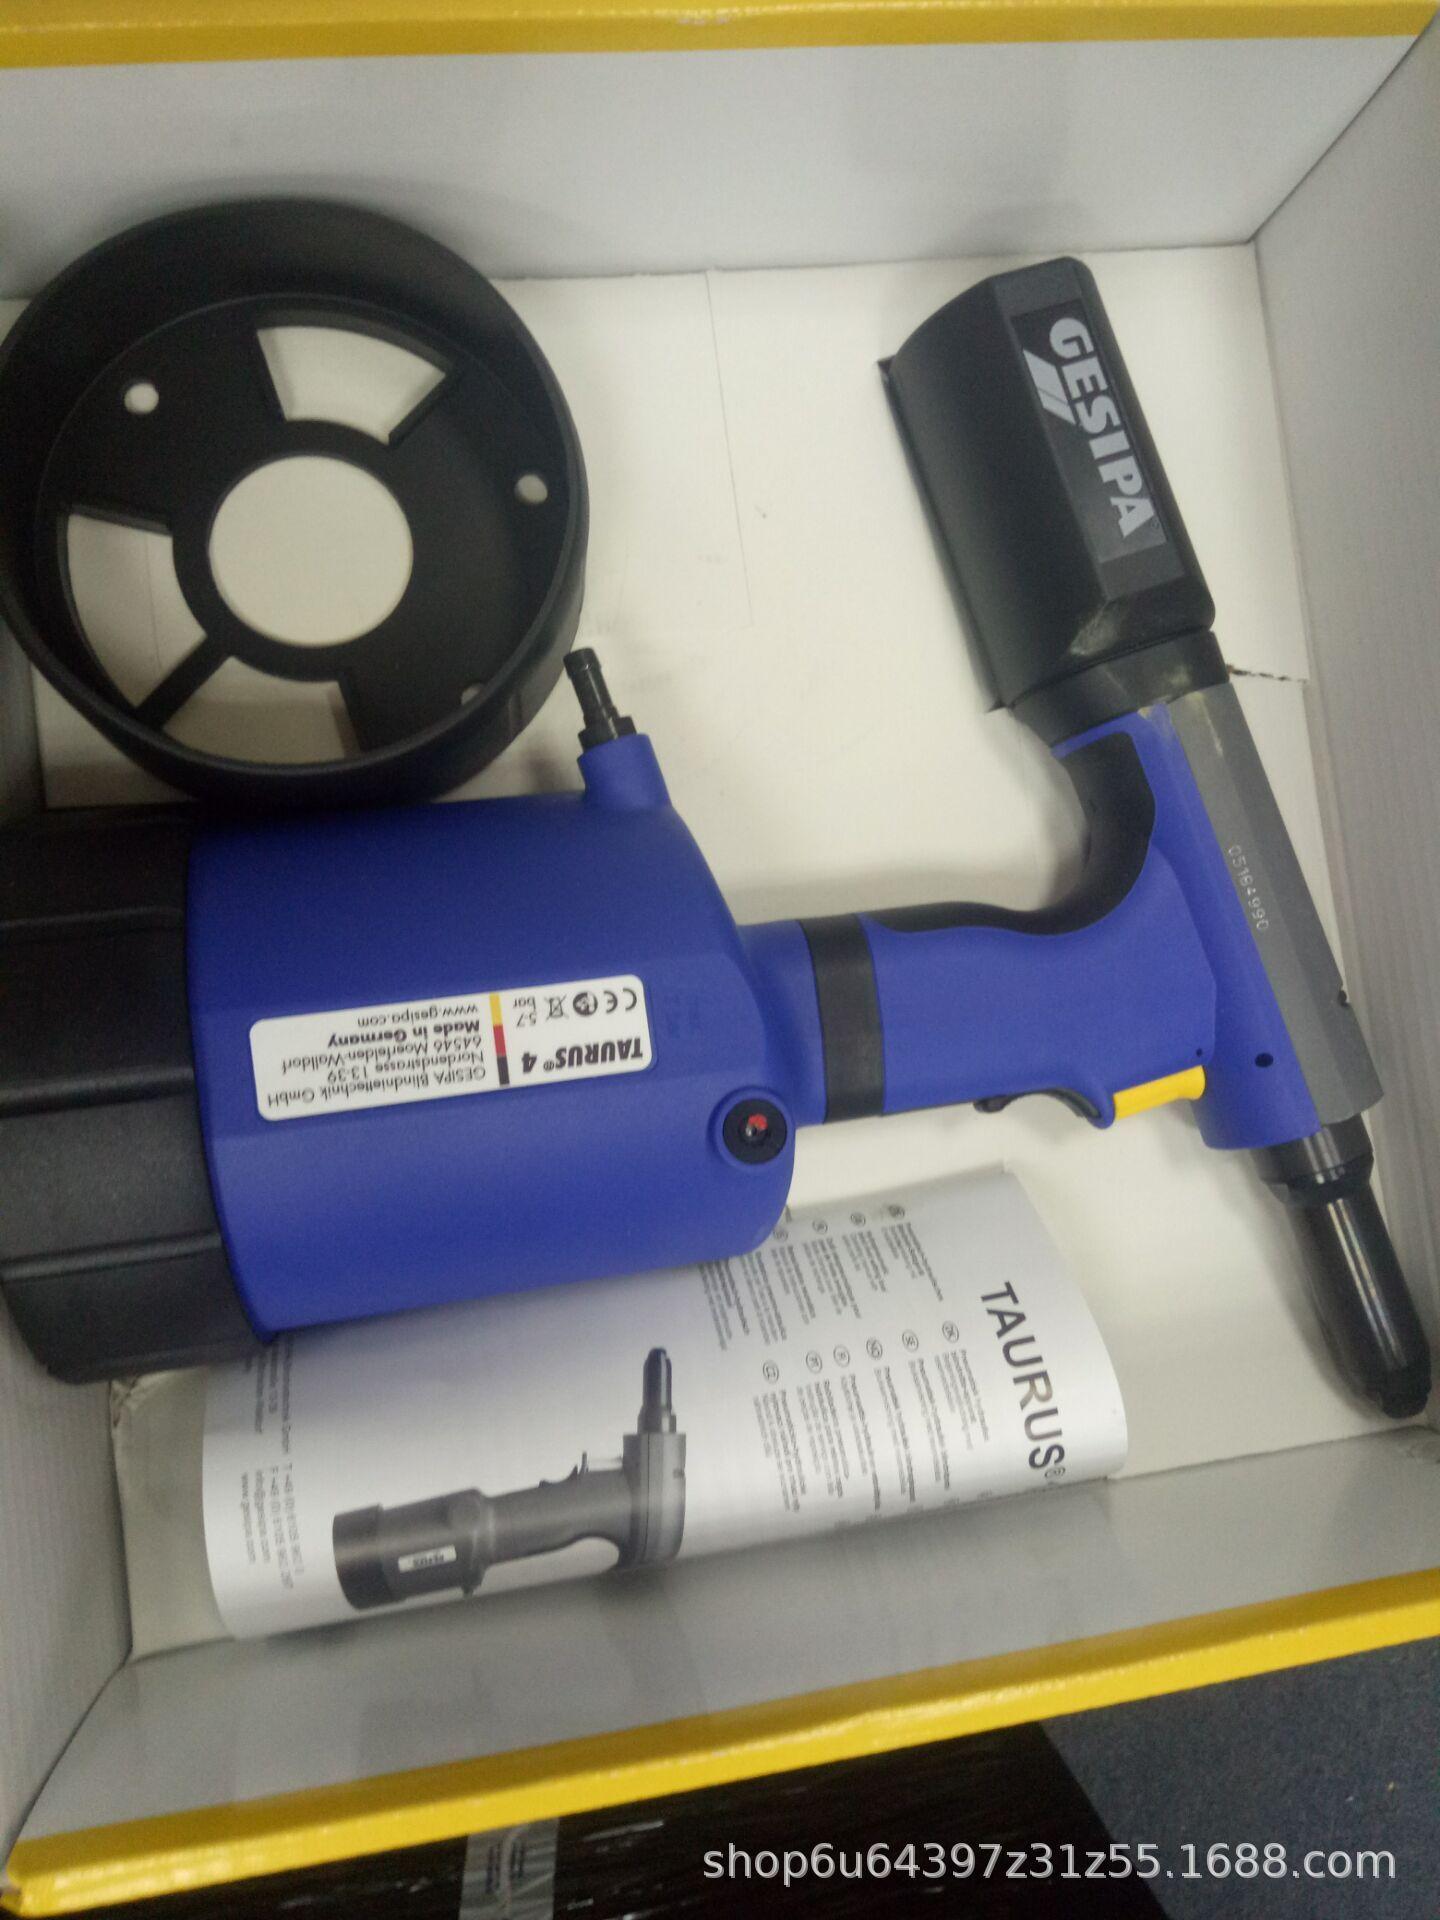 Đức W+S 700337 xe công cụ bảo trì bảo dưỡng công cụ 700300 700220Đức W+S 700337 xe công cụ bảo trì b